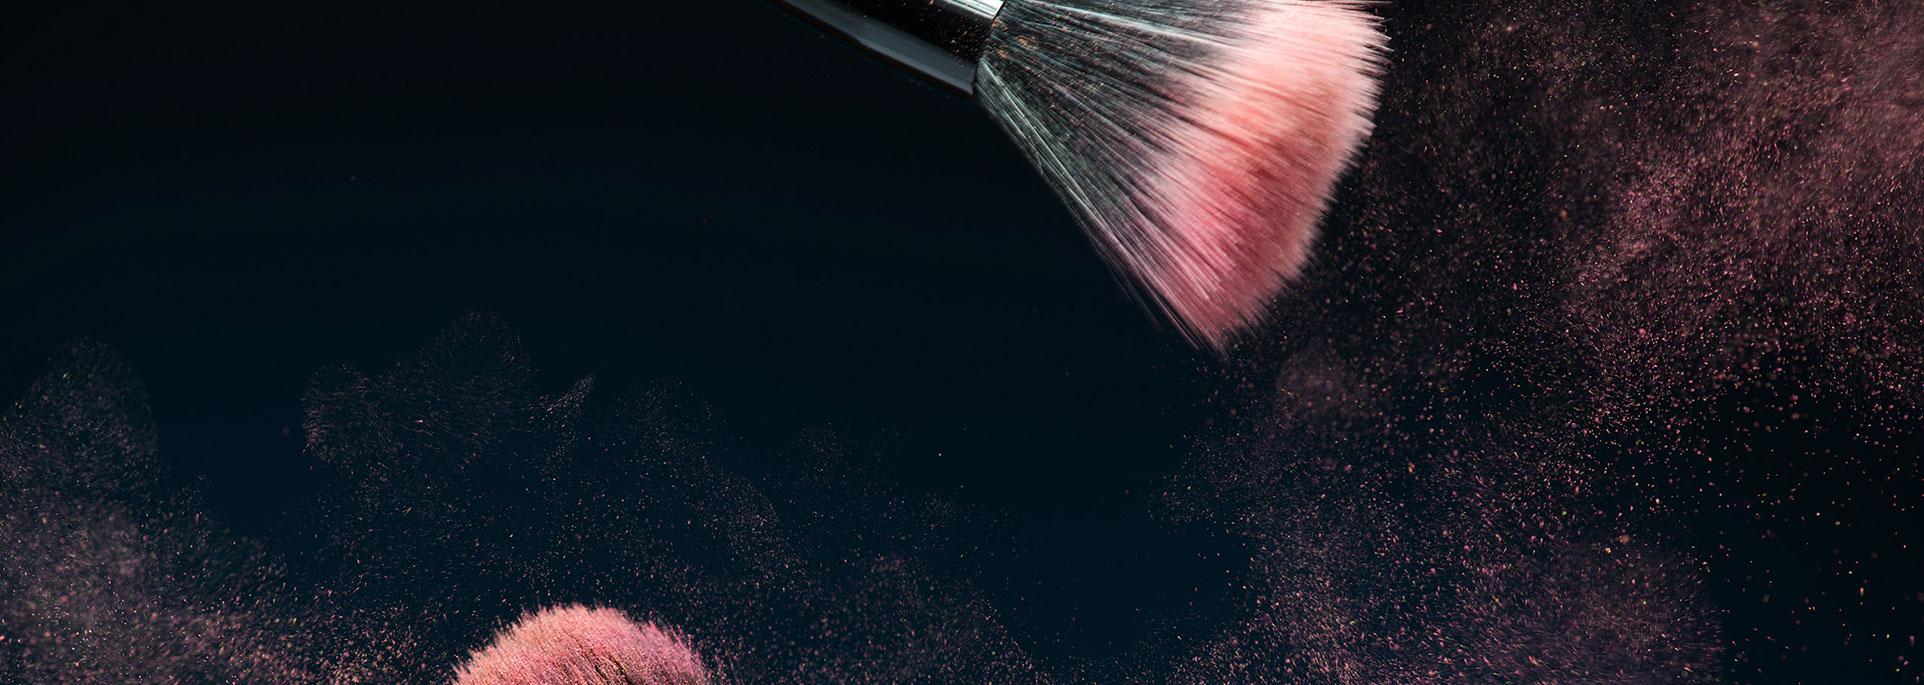 slide-brushes2